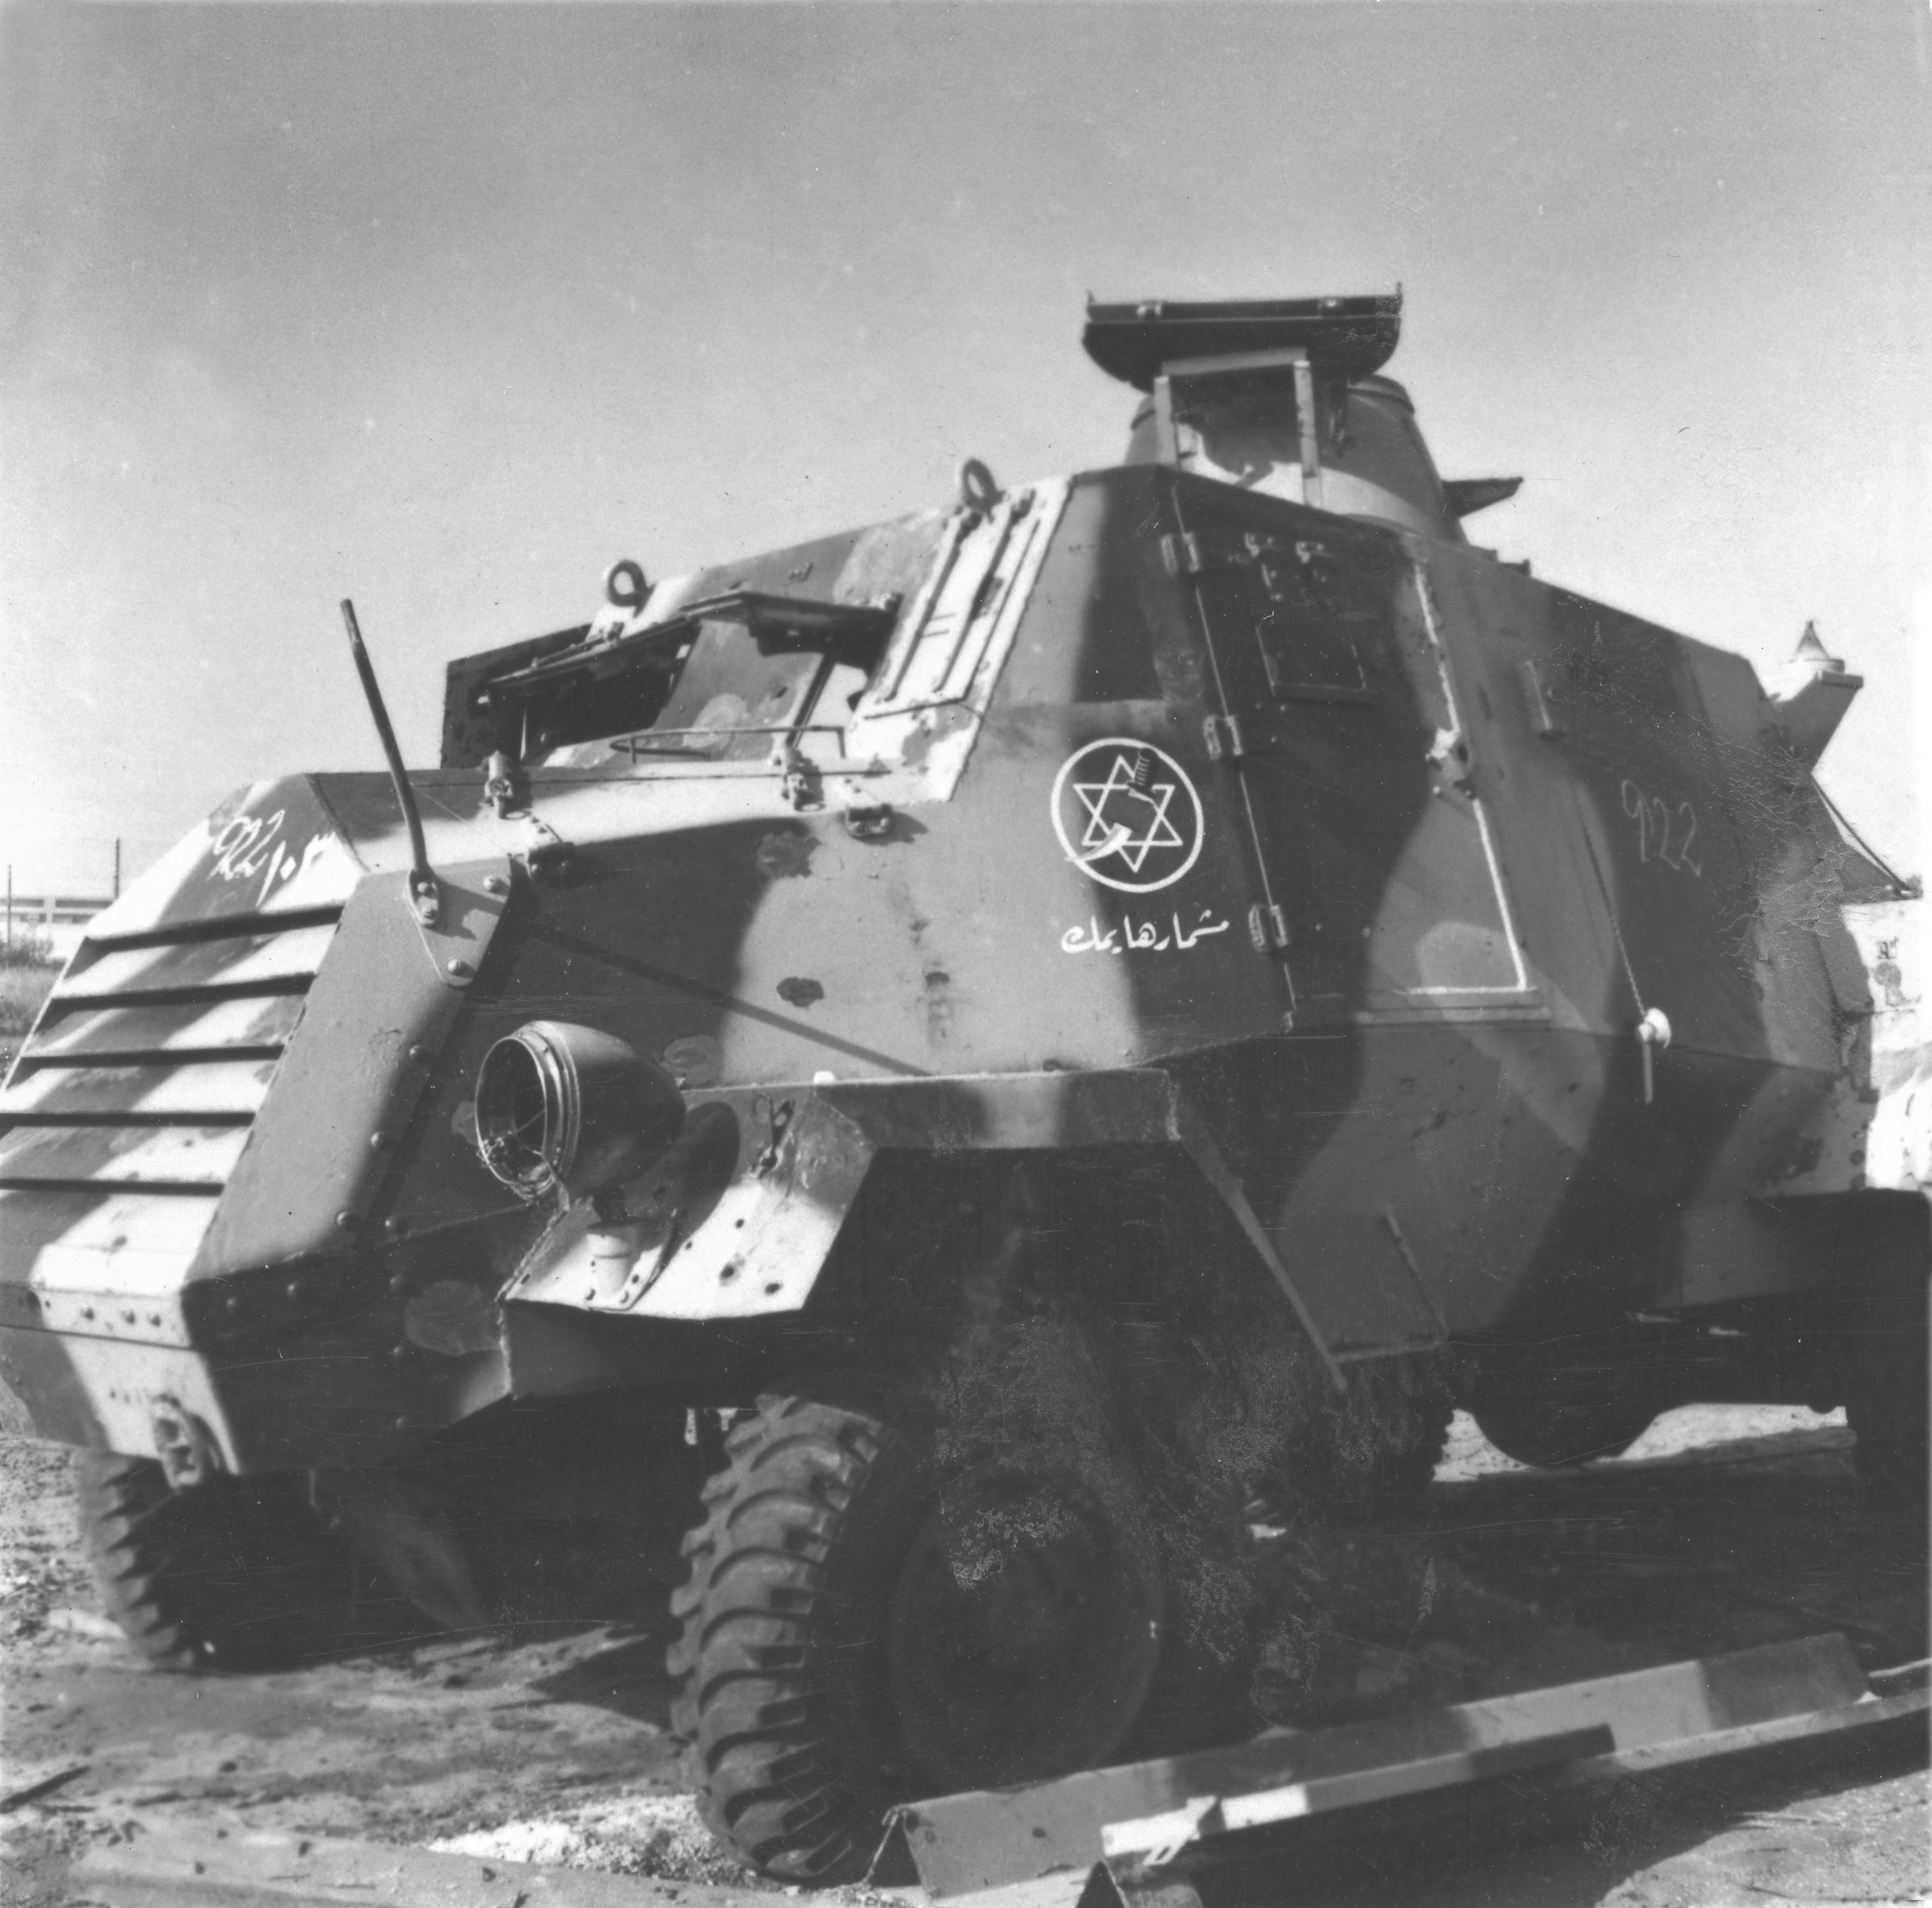 File:Kaukji-armored-car-1948.jpg